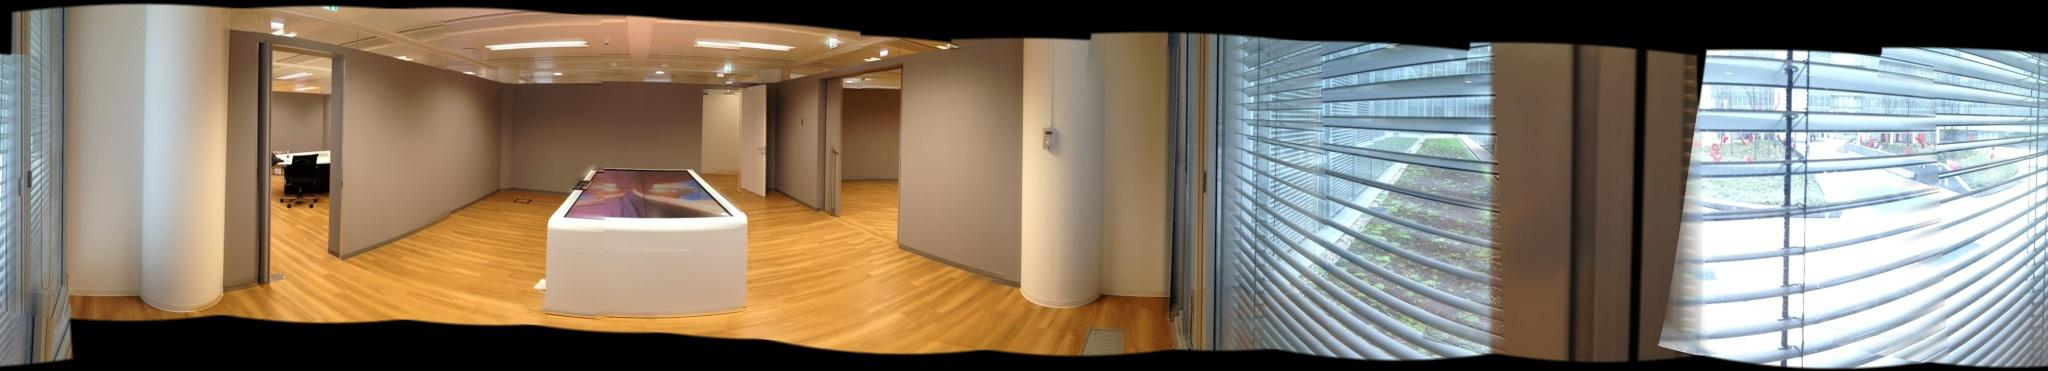 vf_installation_3